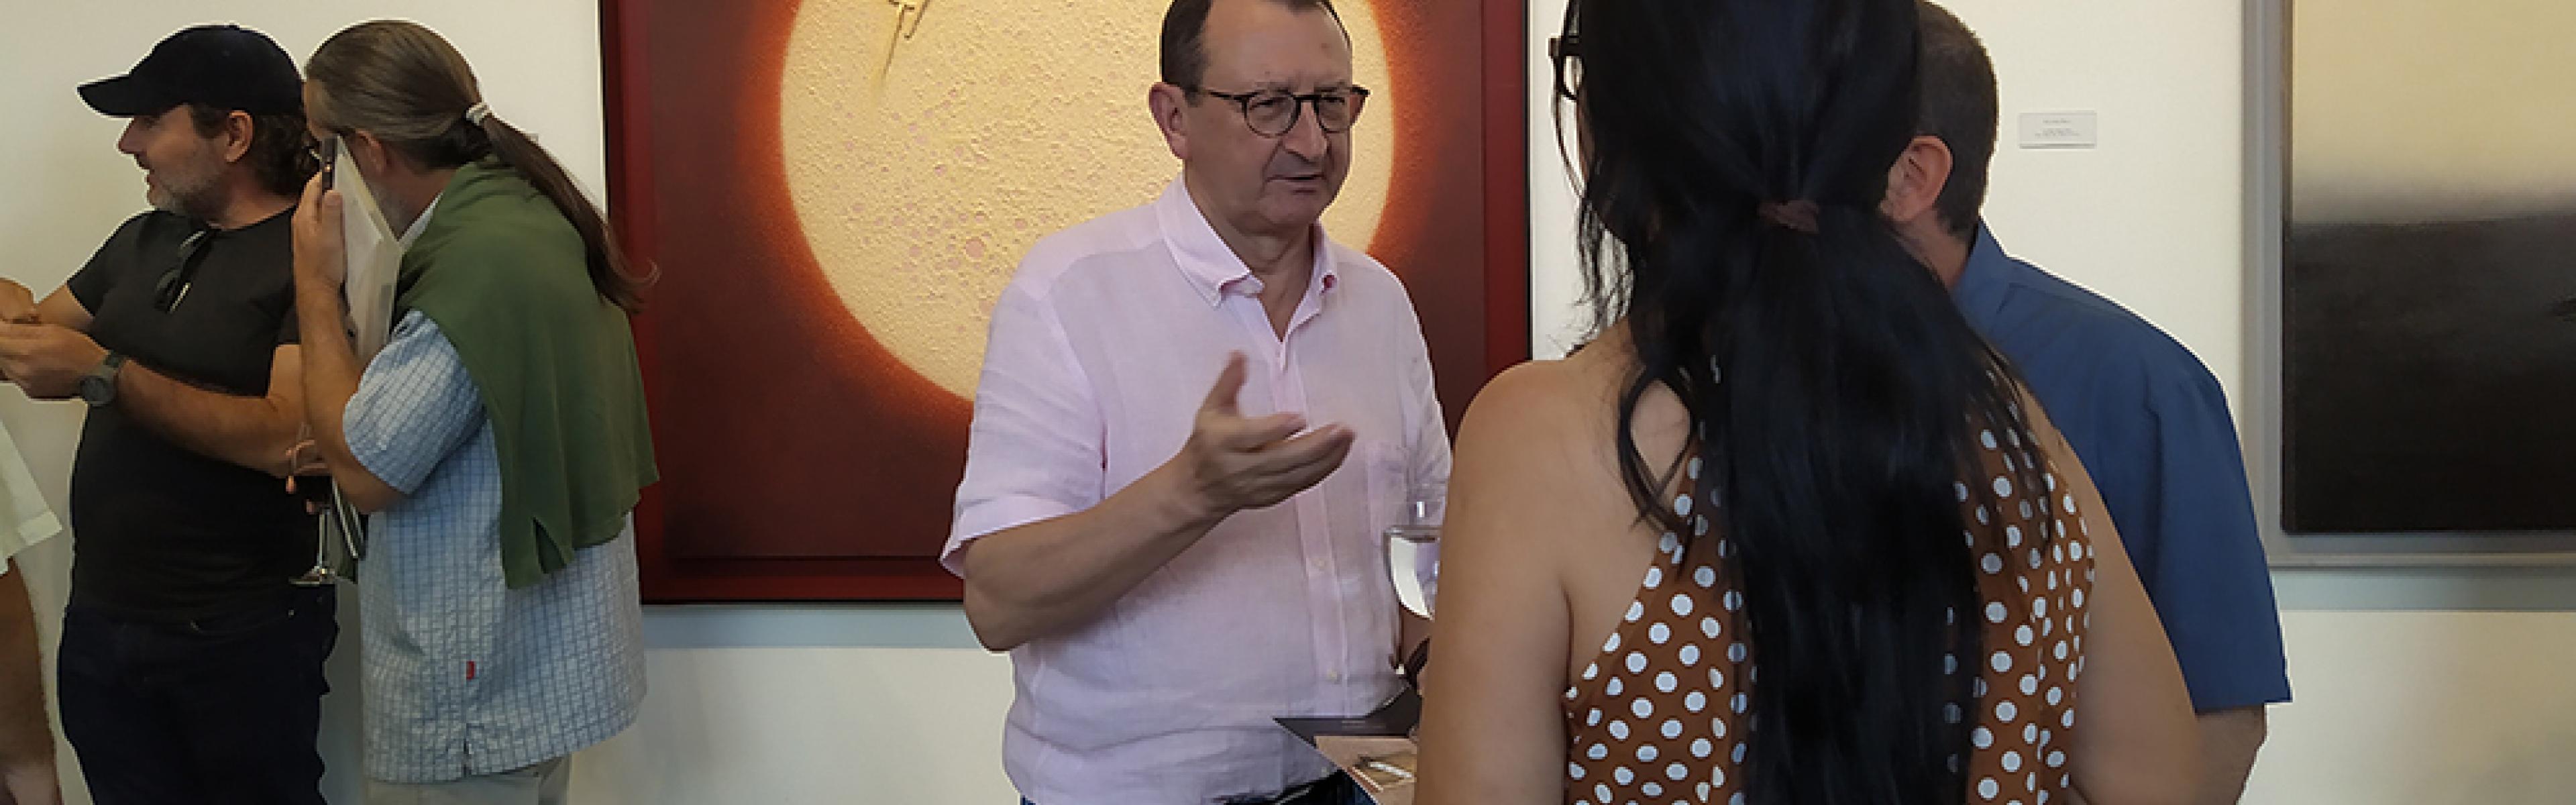 El coleccionista de arte cubano Luciano Méndez en la inauguración de Contrapunto en Máxima Estudio-Taller